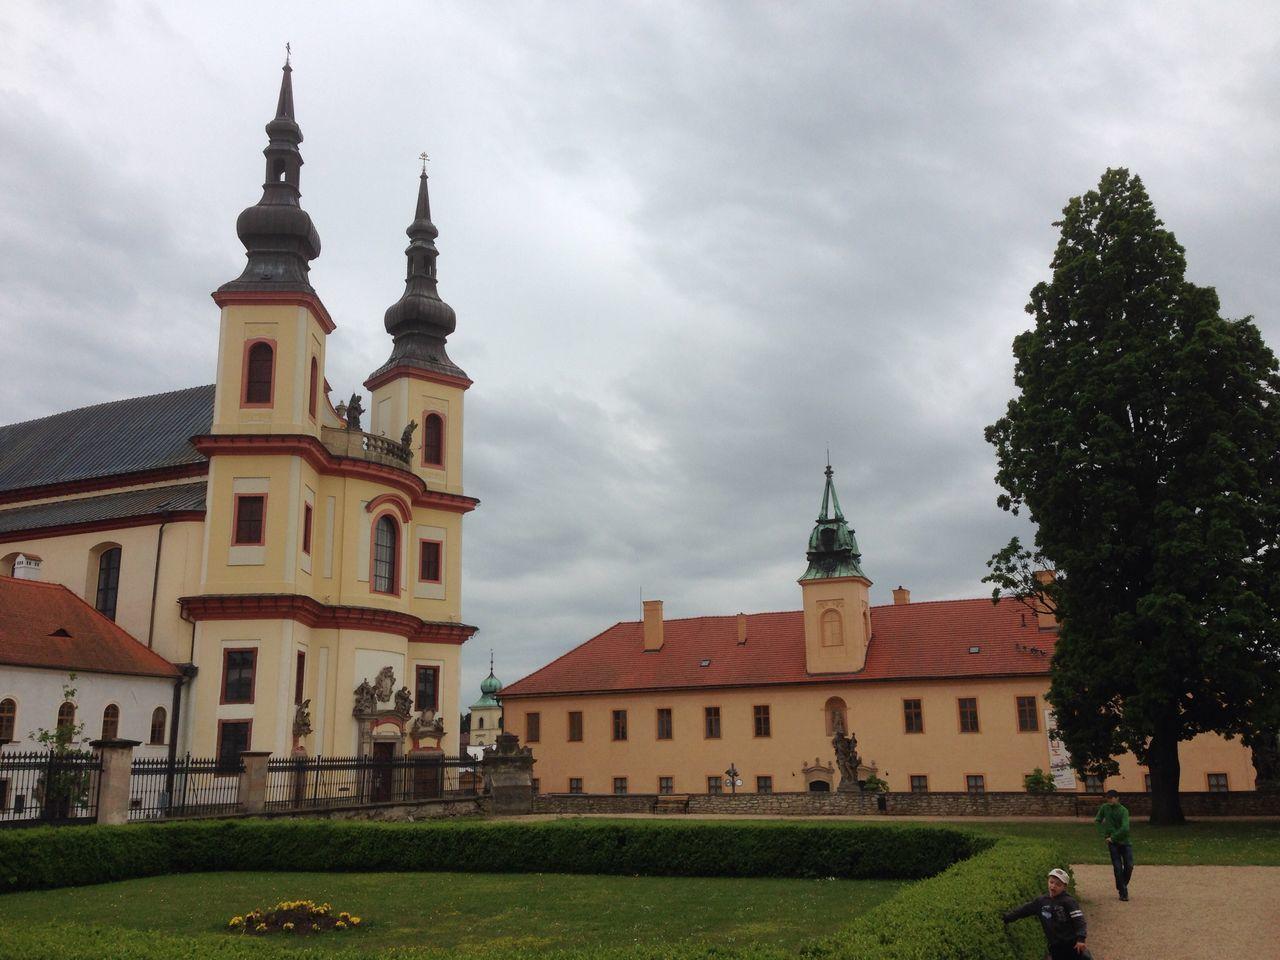 The Beautiful Renaissance Castle UNESCO World Heritage Site